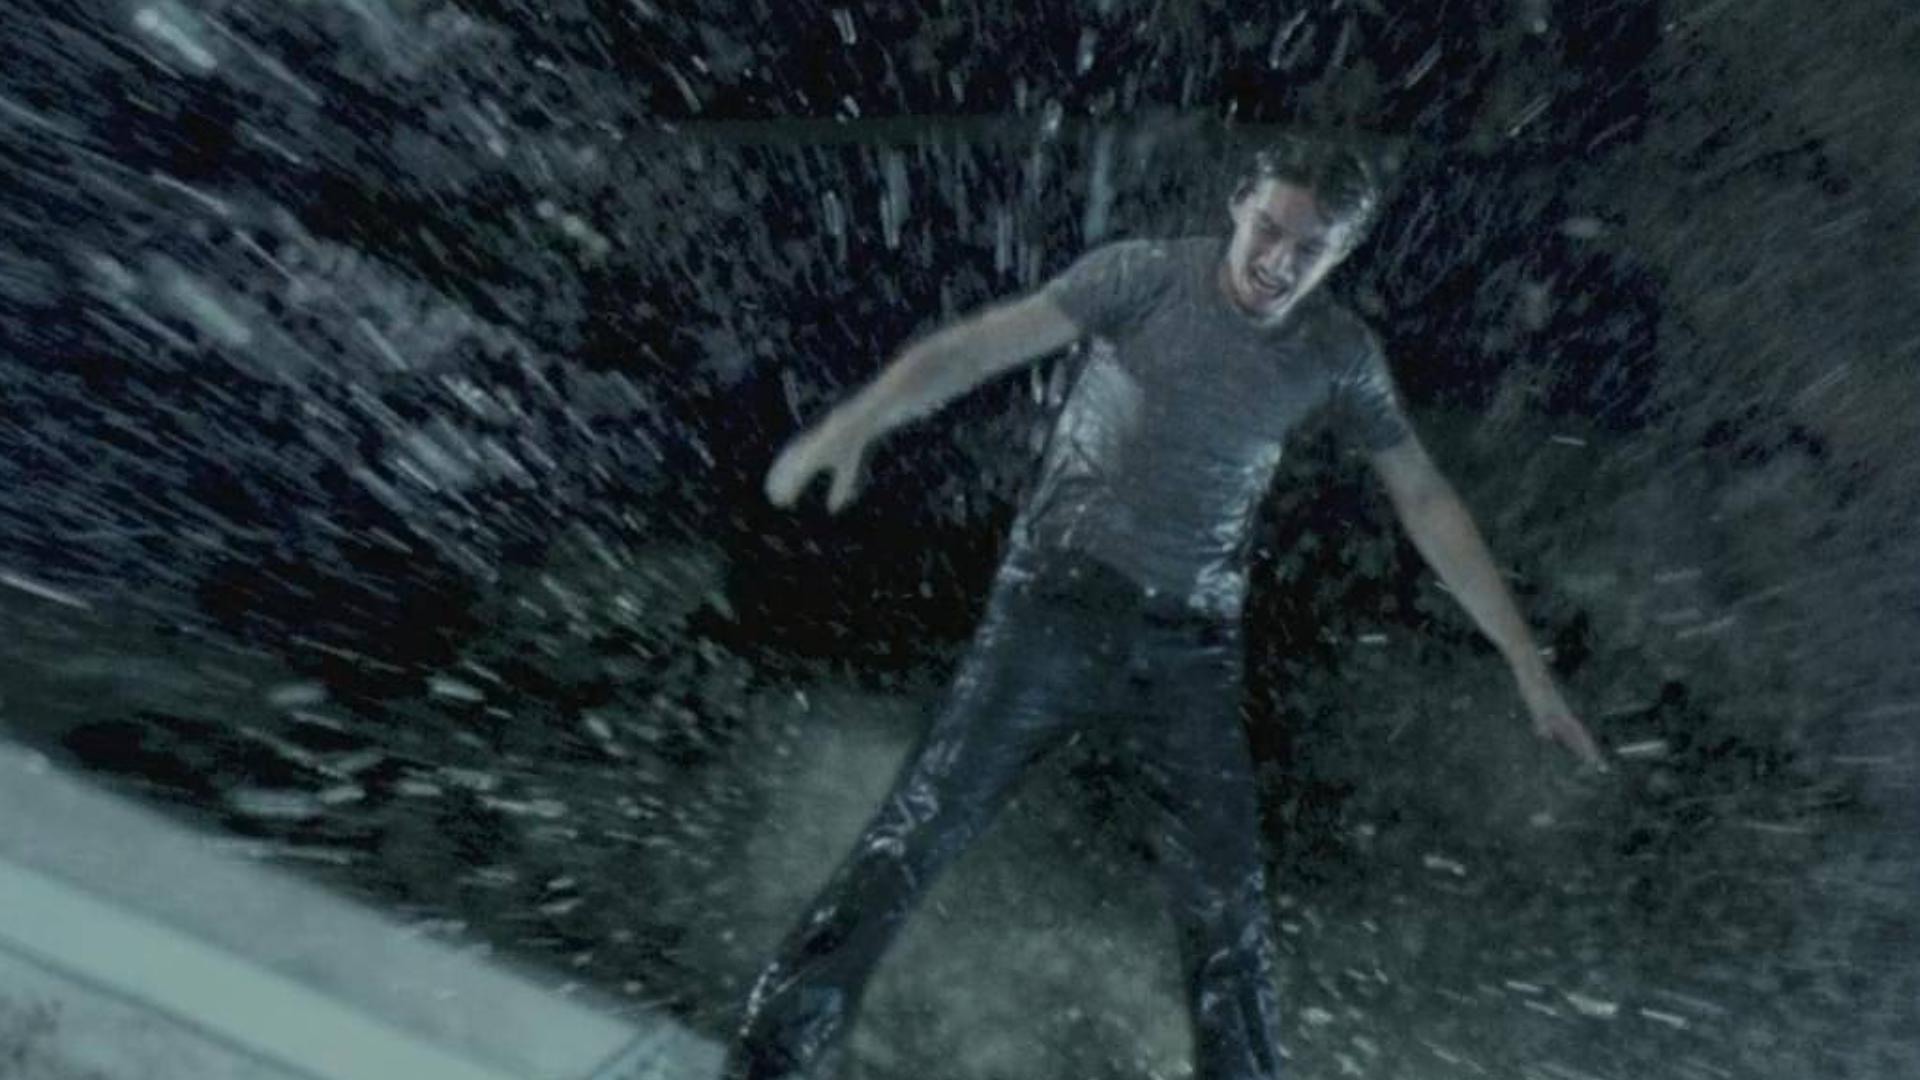 【度度】身边的朋友一个个相继自杀,背后到底隐藏着什么大隐情,《鬼影》2004年高分恐怖神作